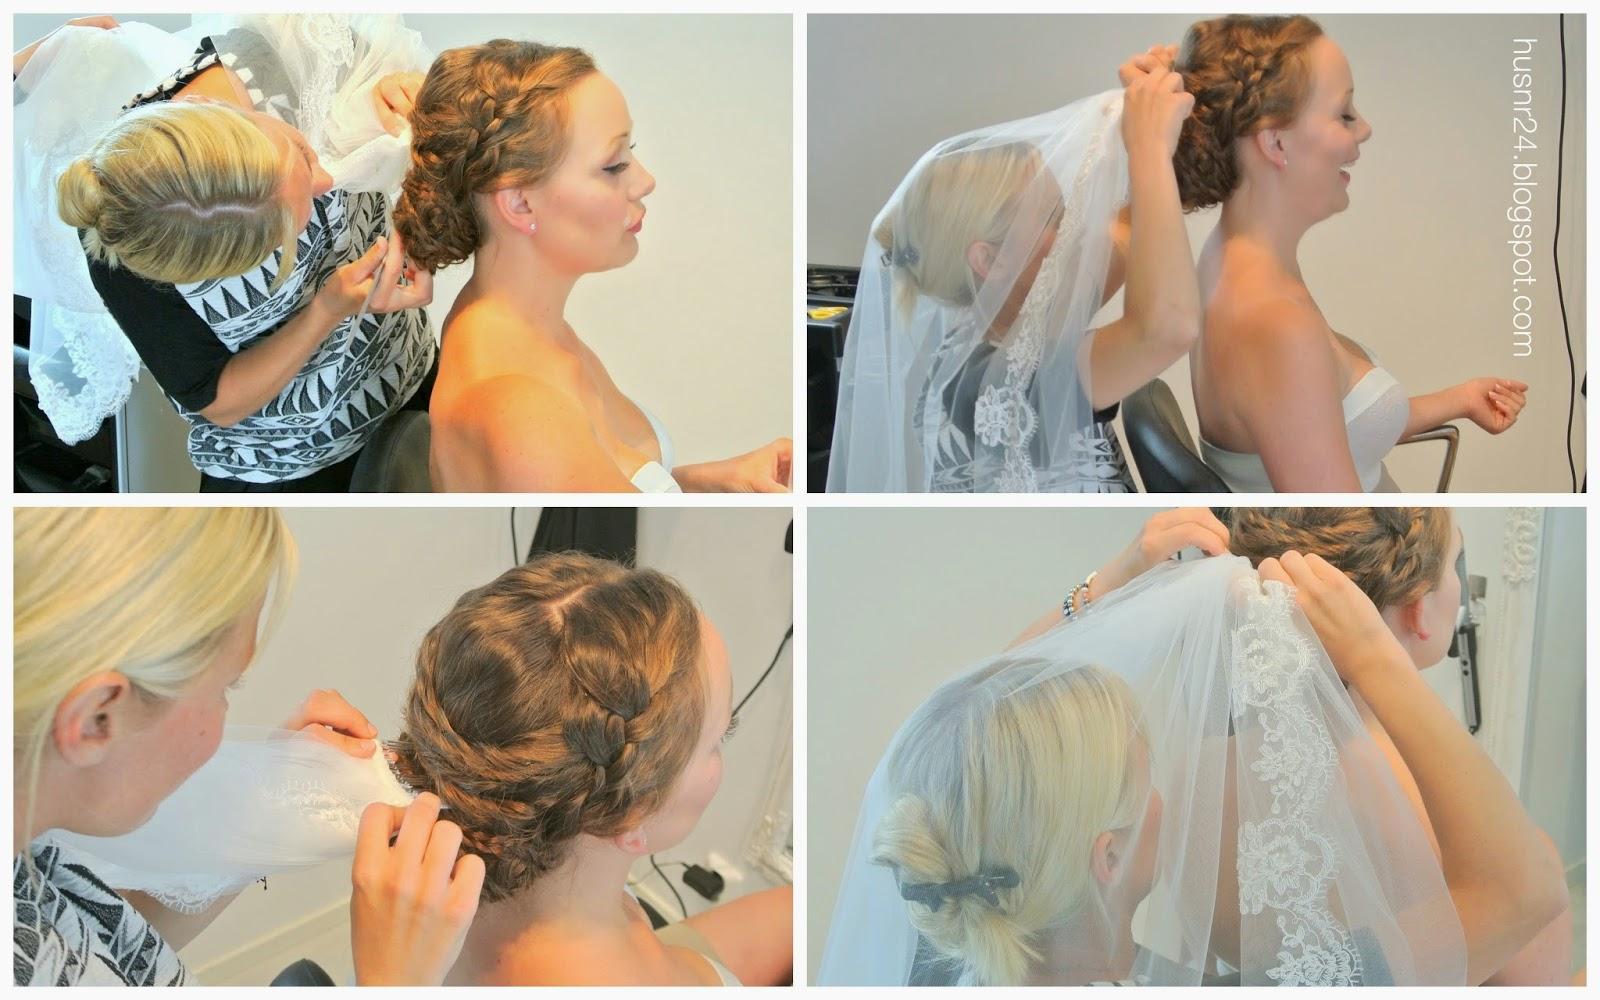 Slöjan och frisyren